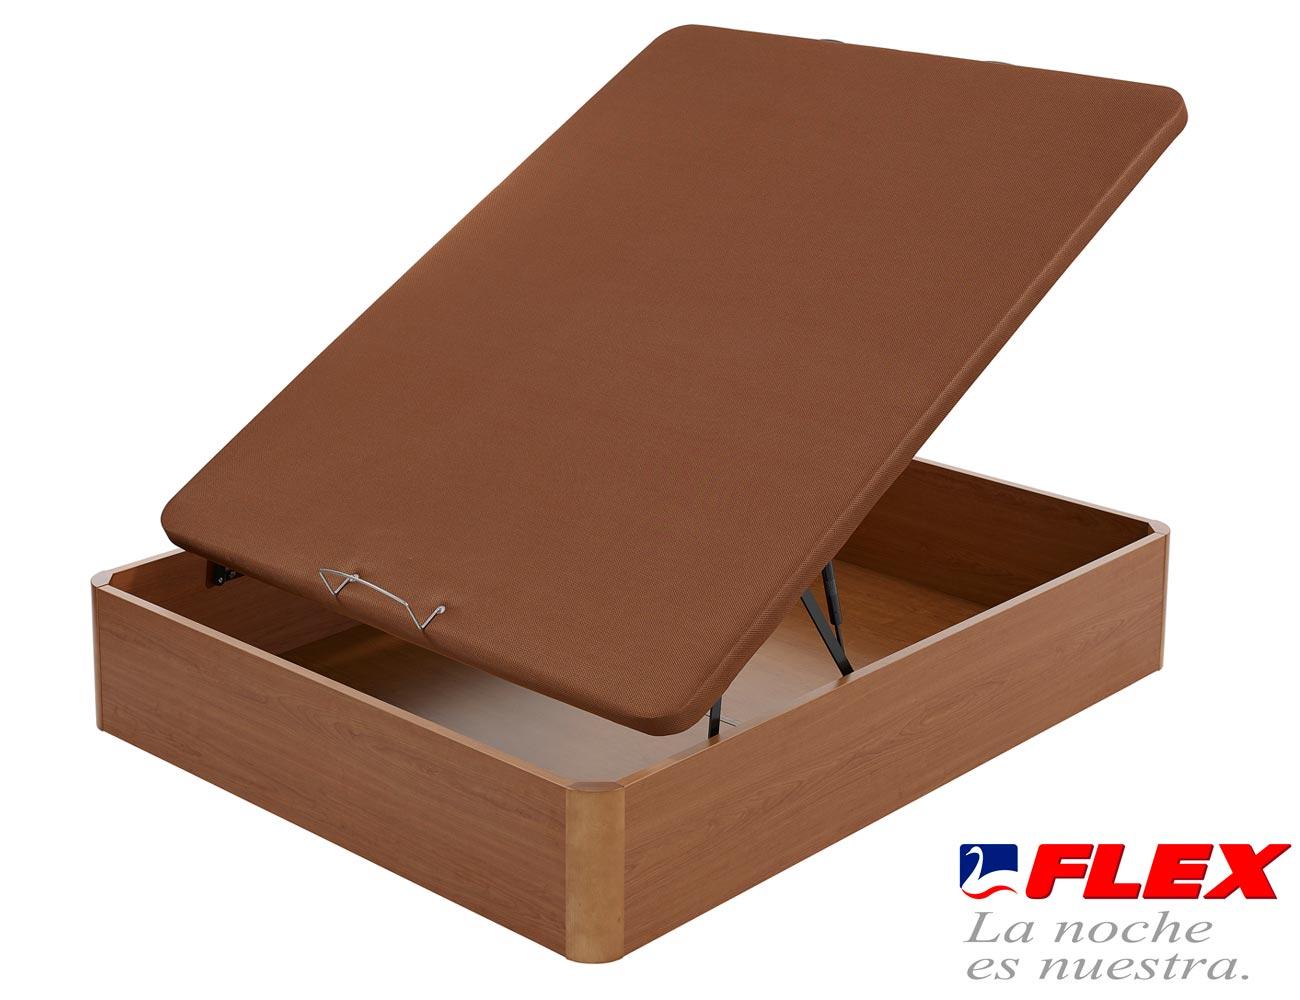 Canape flex madera abatible tapa3d 8310